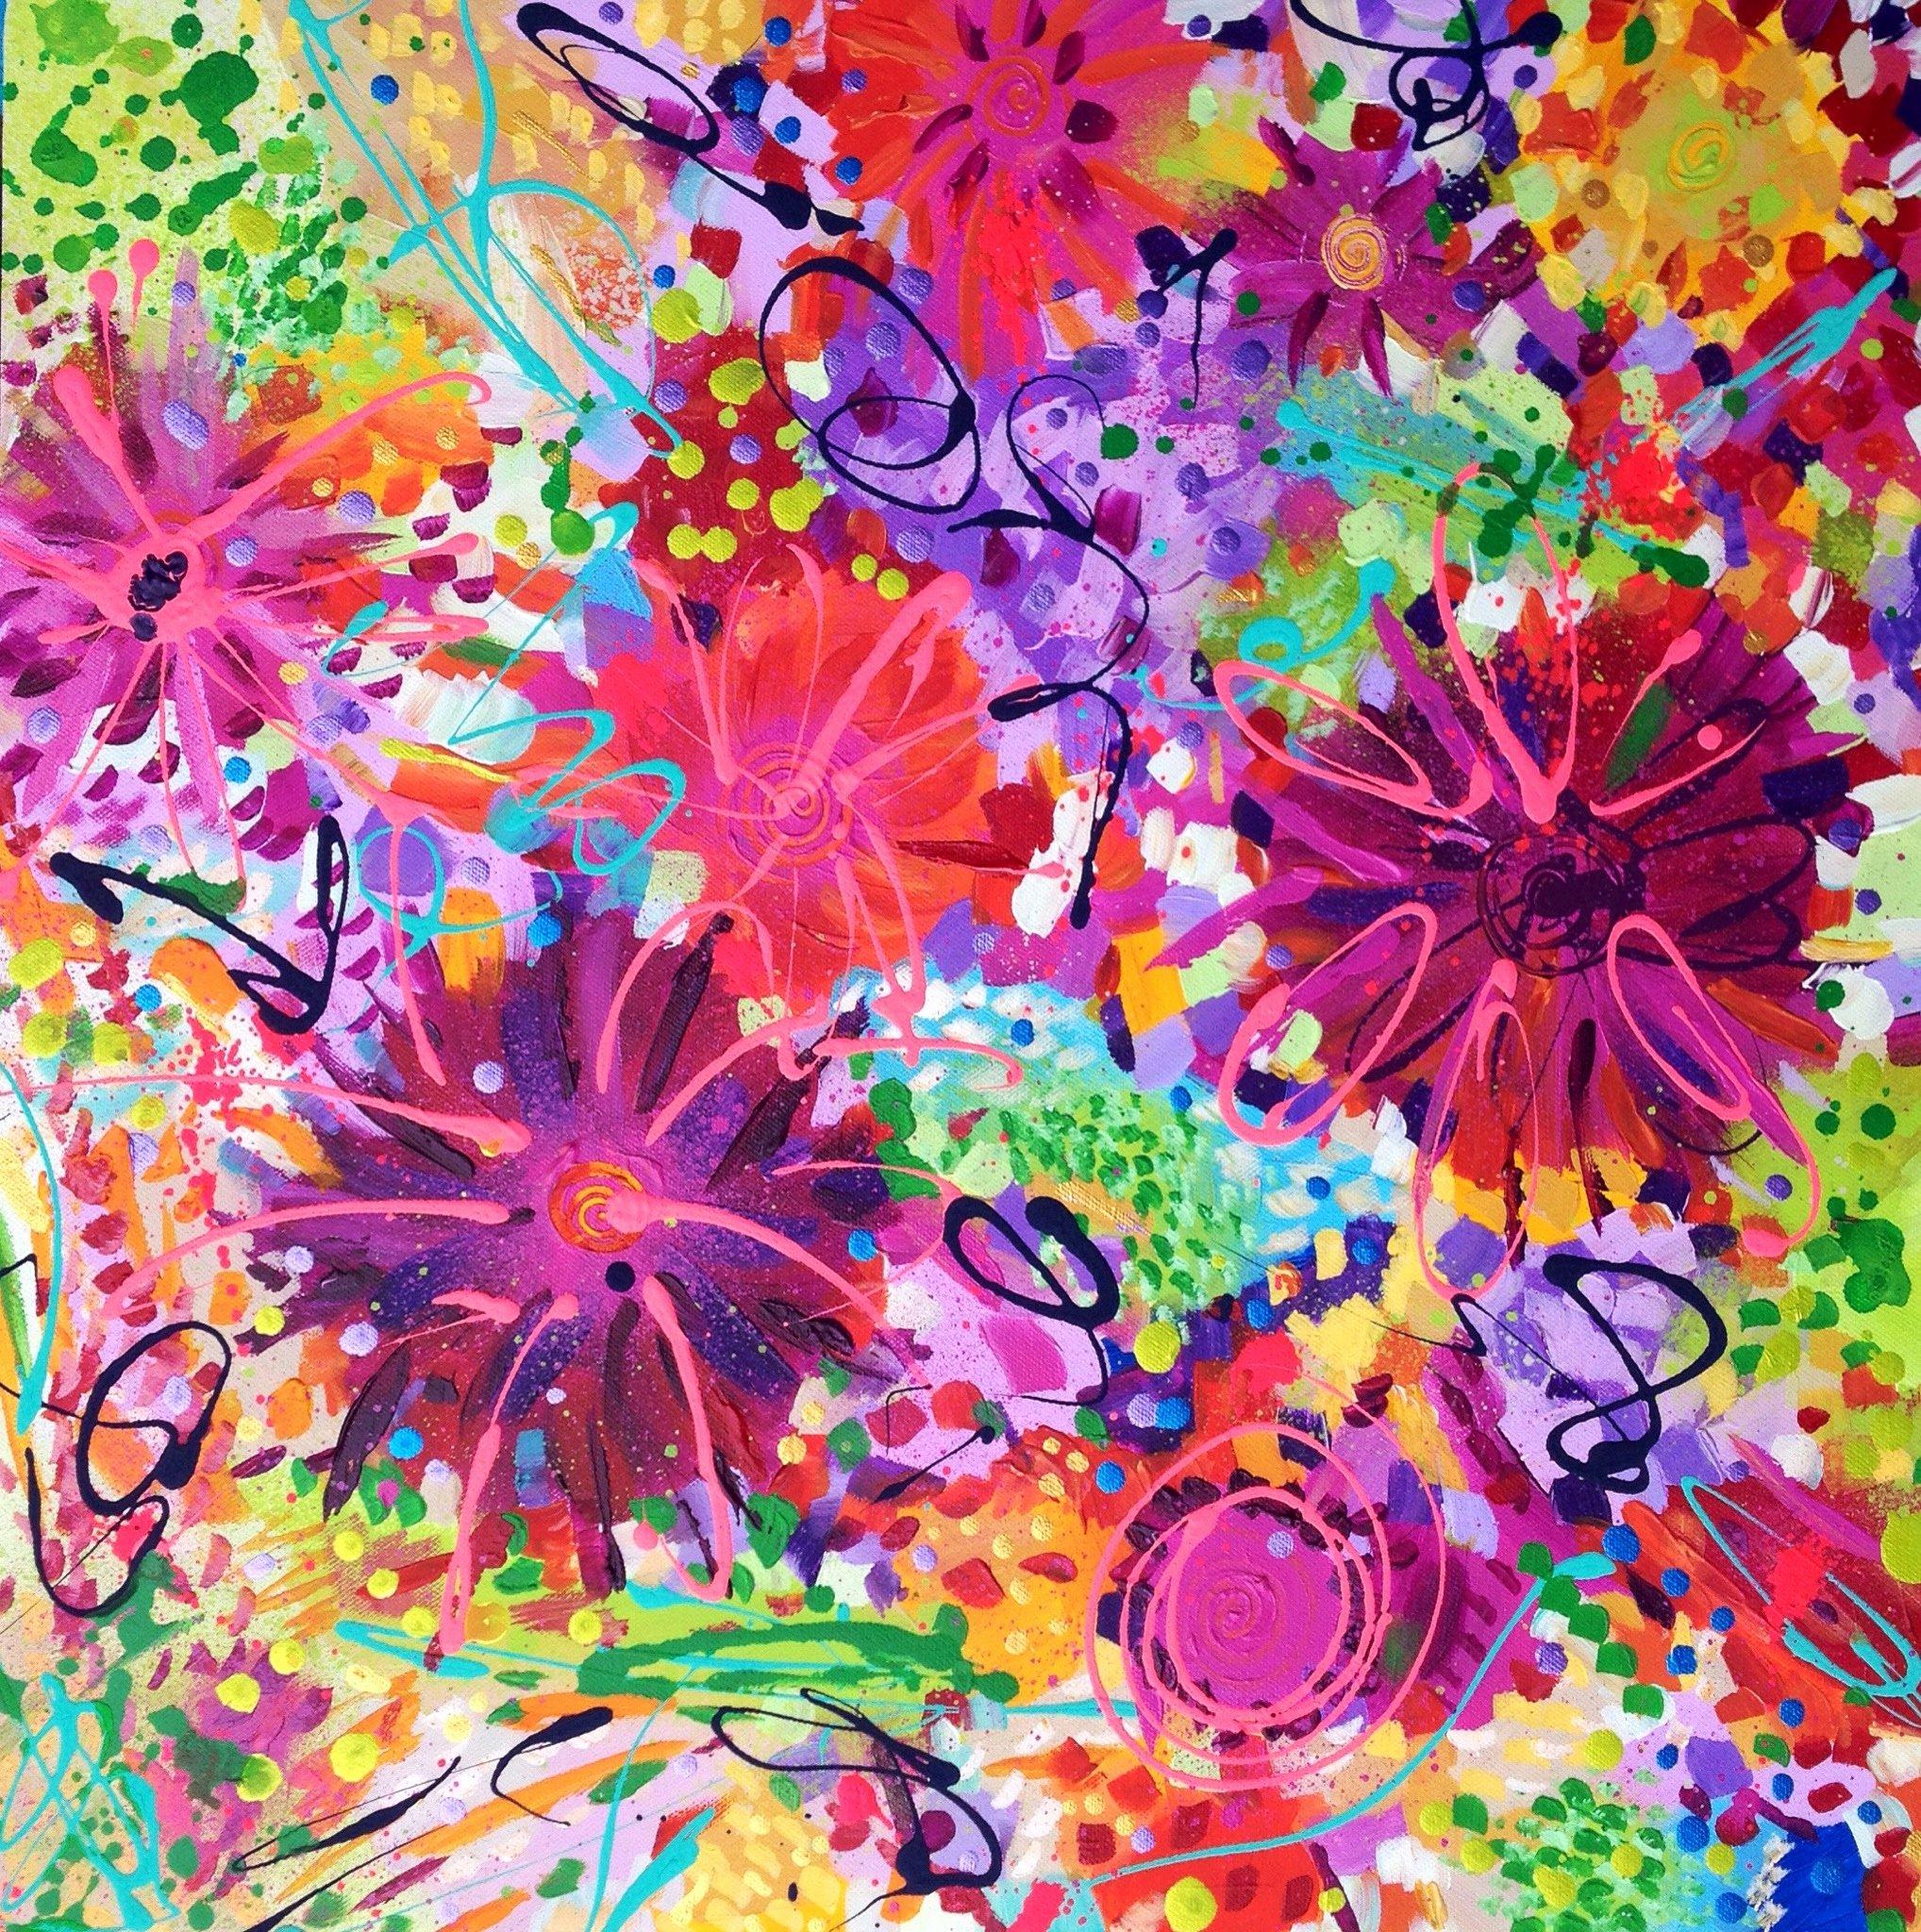 Abstract Painting Of Flower Fresh Leannehughesart S Blog